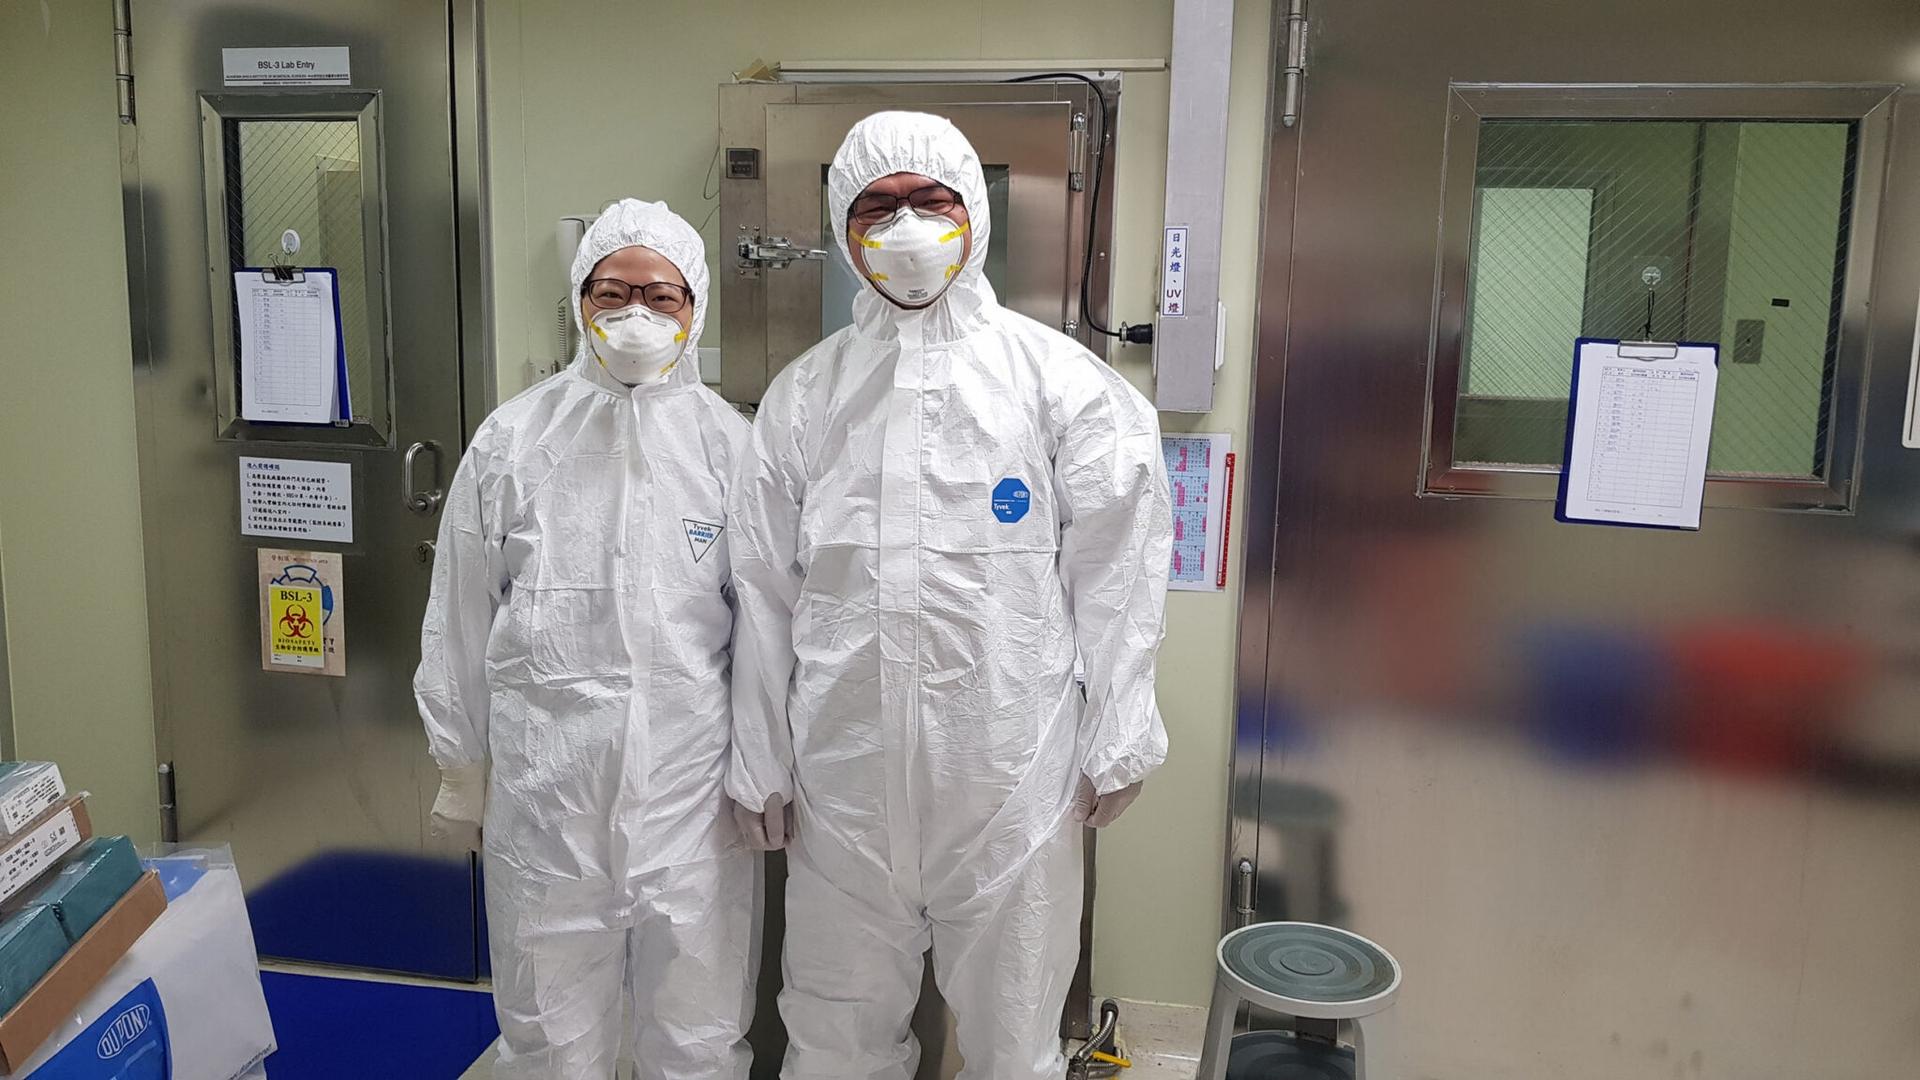 林宜玲實驗室同仁在 P3 實驗室前合影。P3 實驗室的工作人員必須穿著實驗衣,而且穿、脫順序都有嚴格的 SOP,並配合定期訓練。 圖│林宜玲